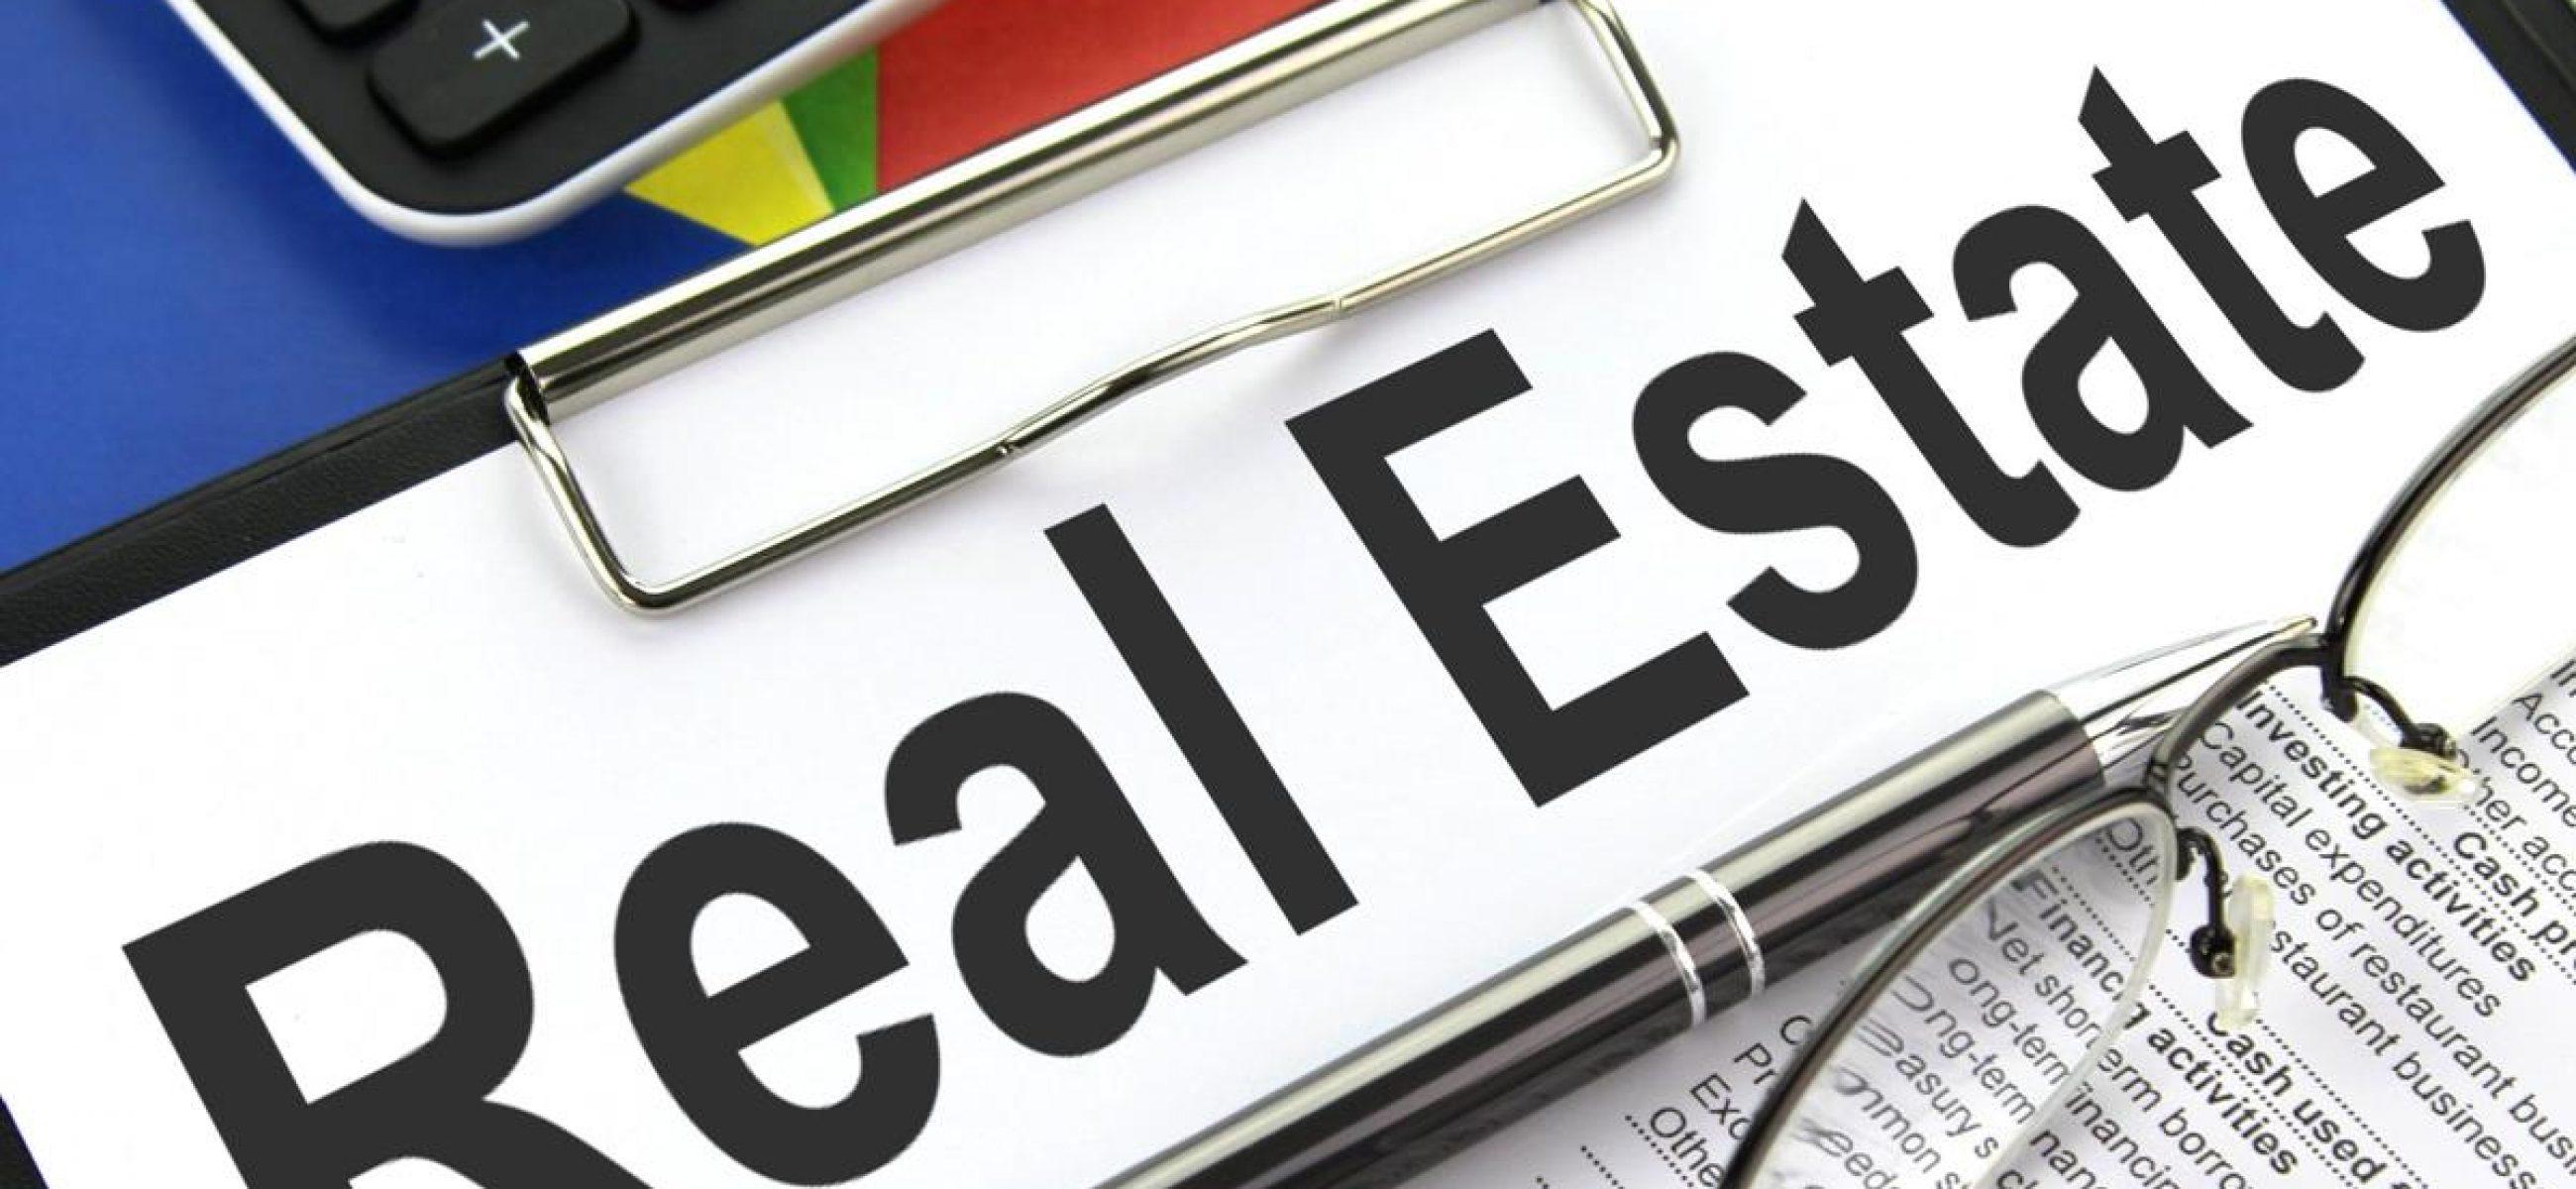 היכונו: החל מ-2018 נוכל למכור דירות במיסוי ליניארי מוטב ללא הגבלה!